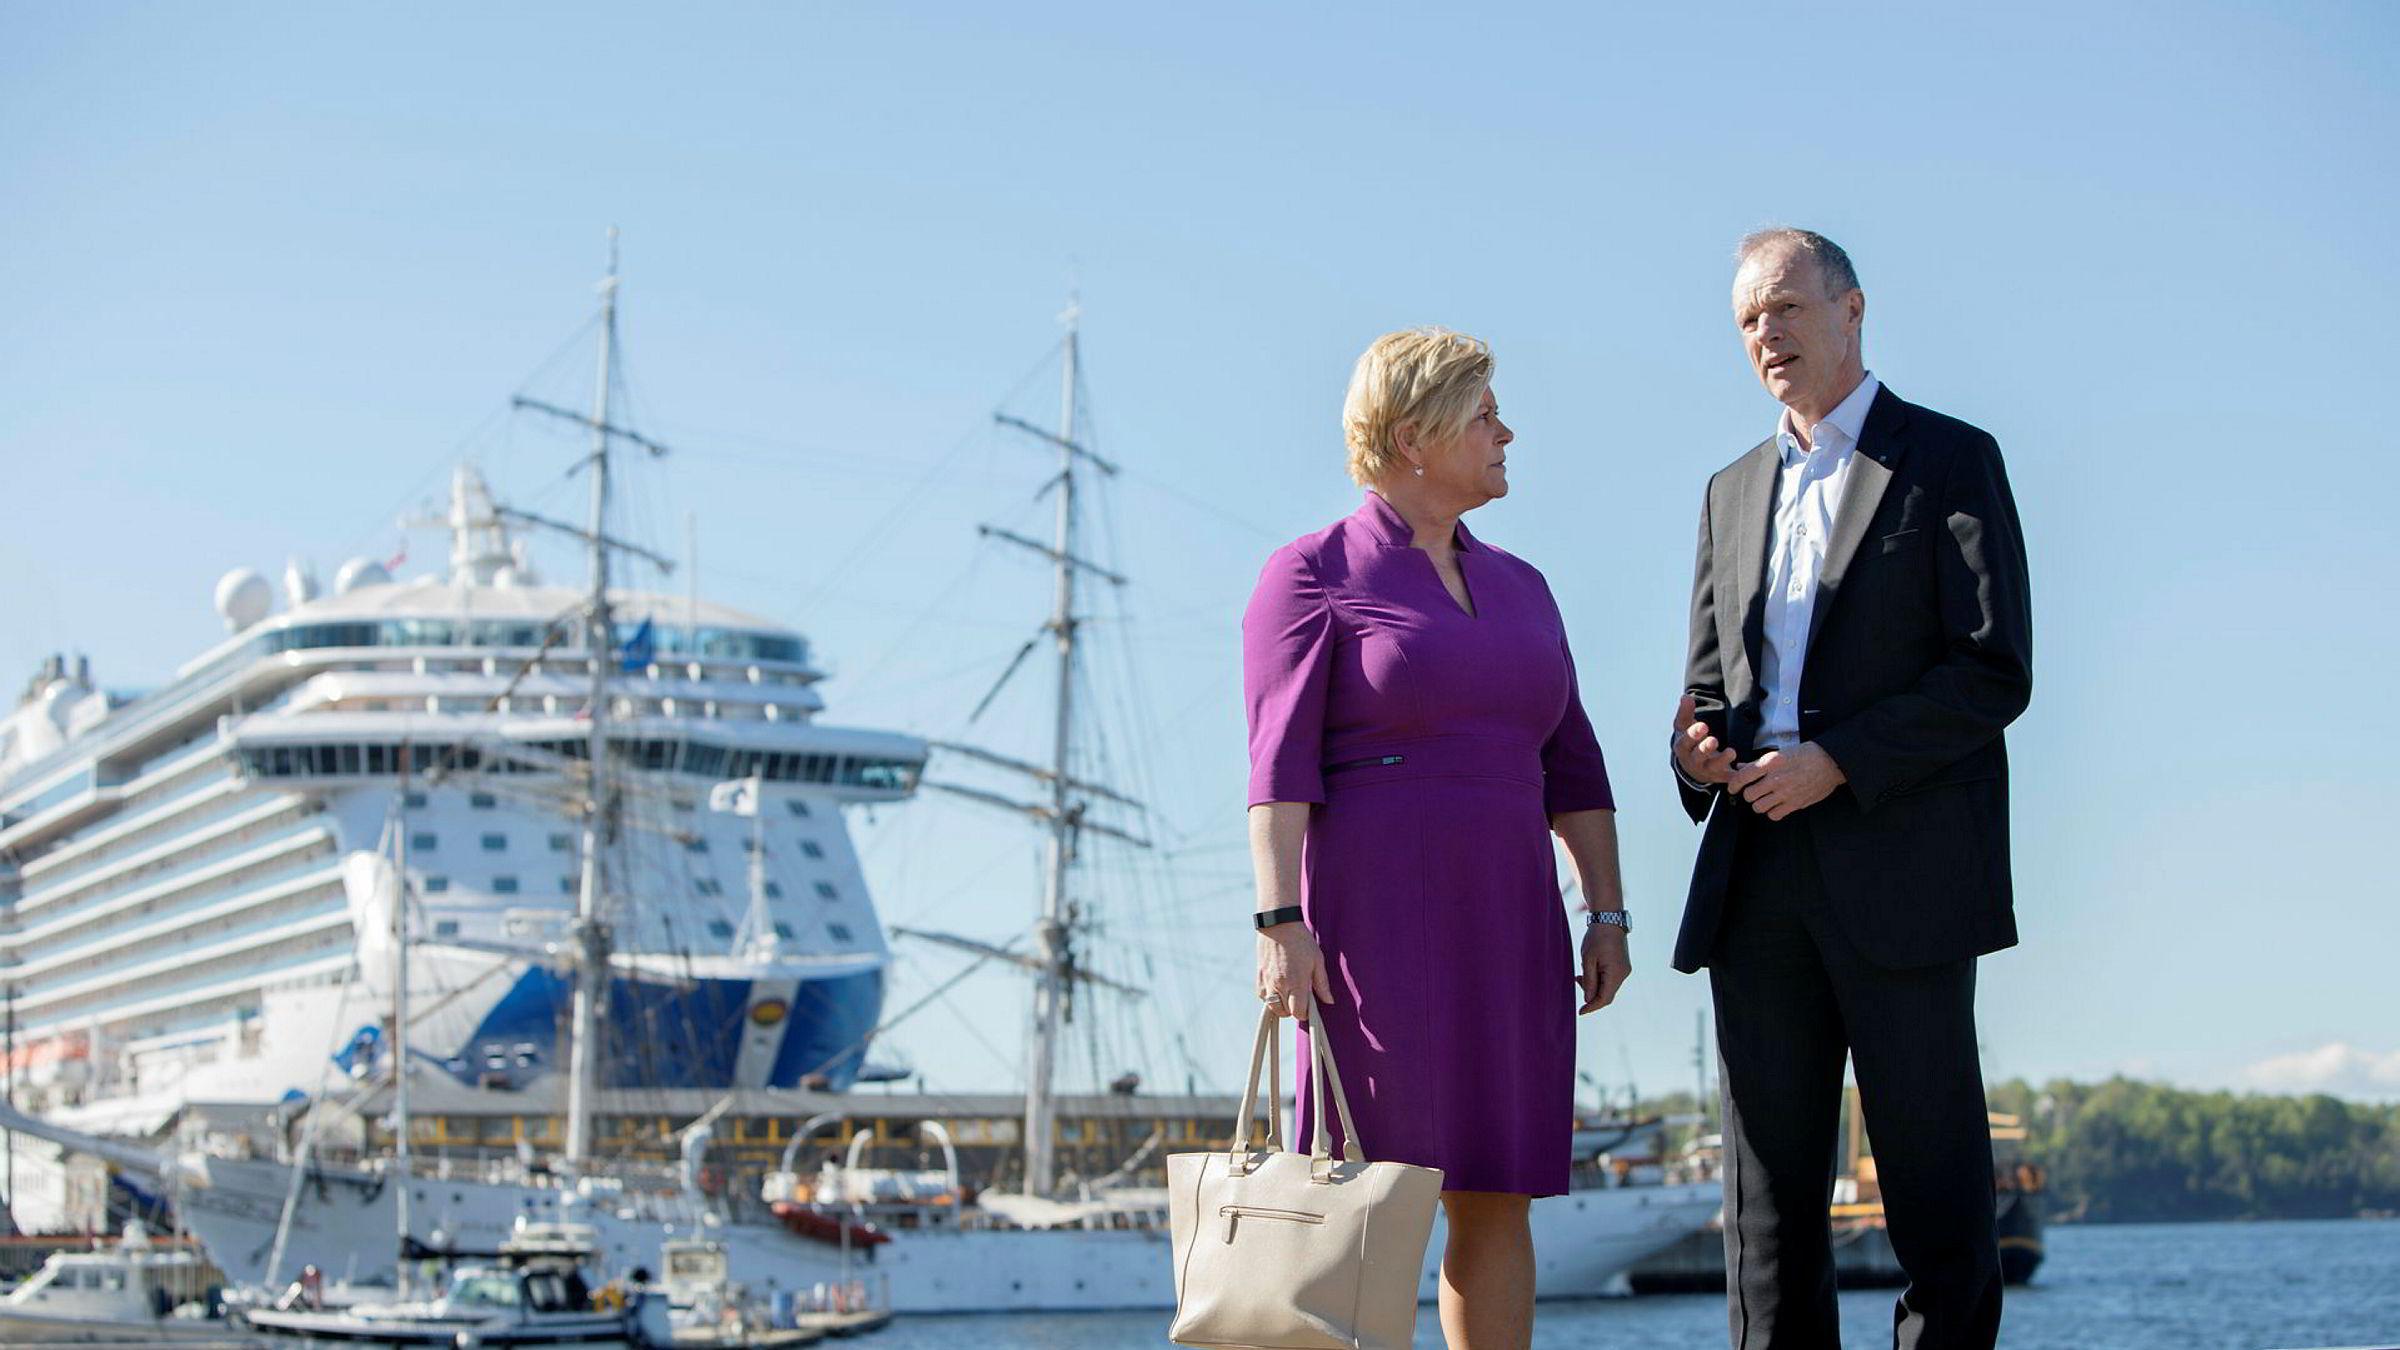 Finansminister Siv Jensen vil forlenge den gunstige skatteordningen for norske rederier. Rederiforbundets Sturla Henriksen er tilfreds. I bakgrunnen cruiseskipet «Regal Princess» – riktignok utenlandsk, men med Oljefondet som ikke ubetydelig aksjonær i eierselskapet.